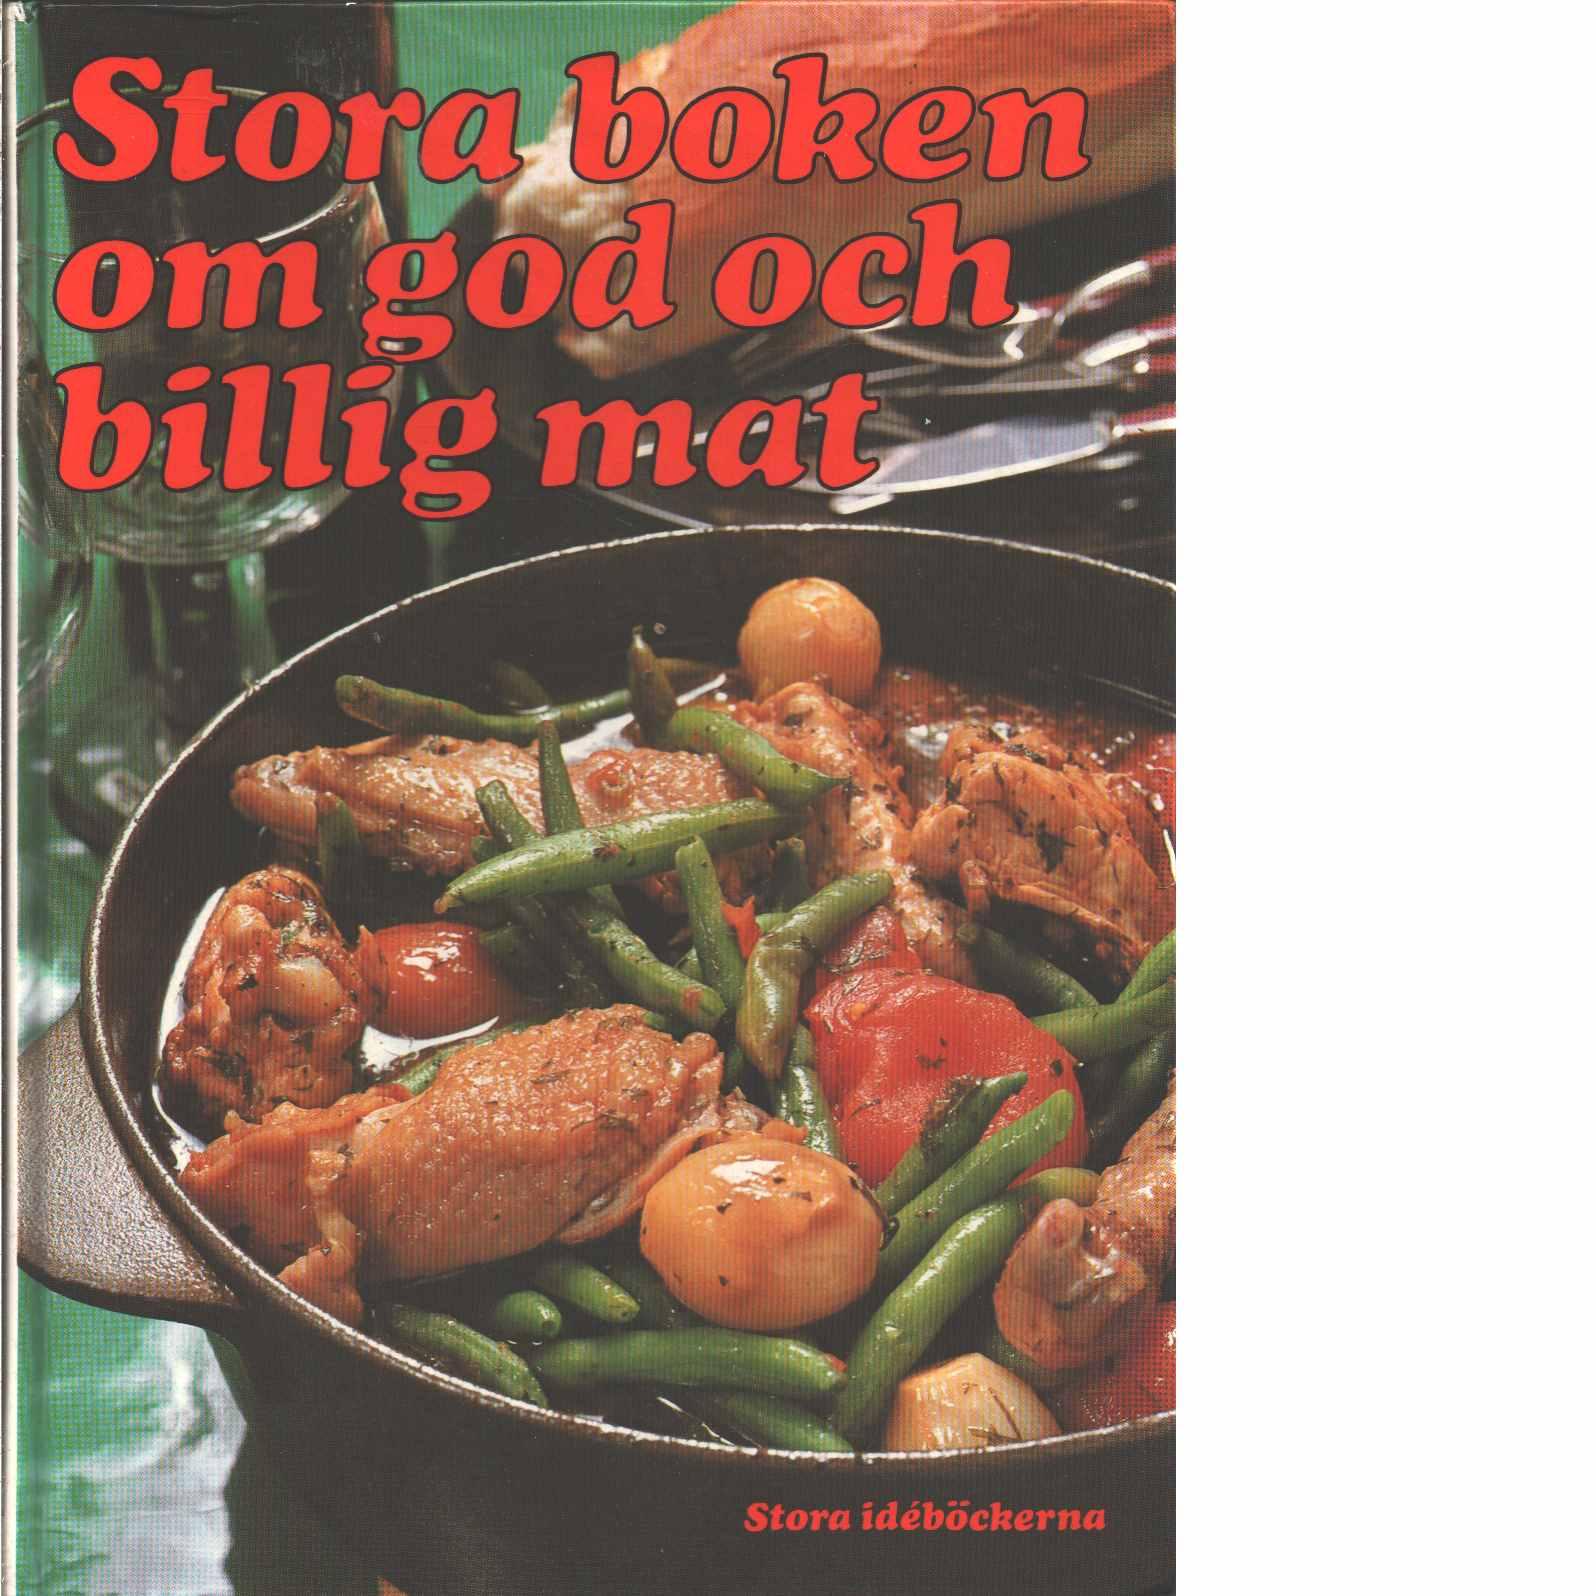 Stora boken om god och billig mat  - Red. Edholm, Lolo